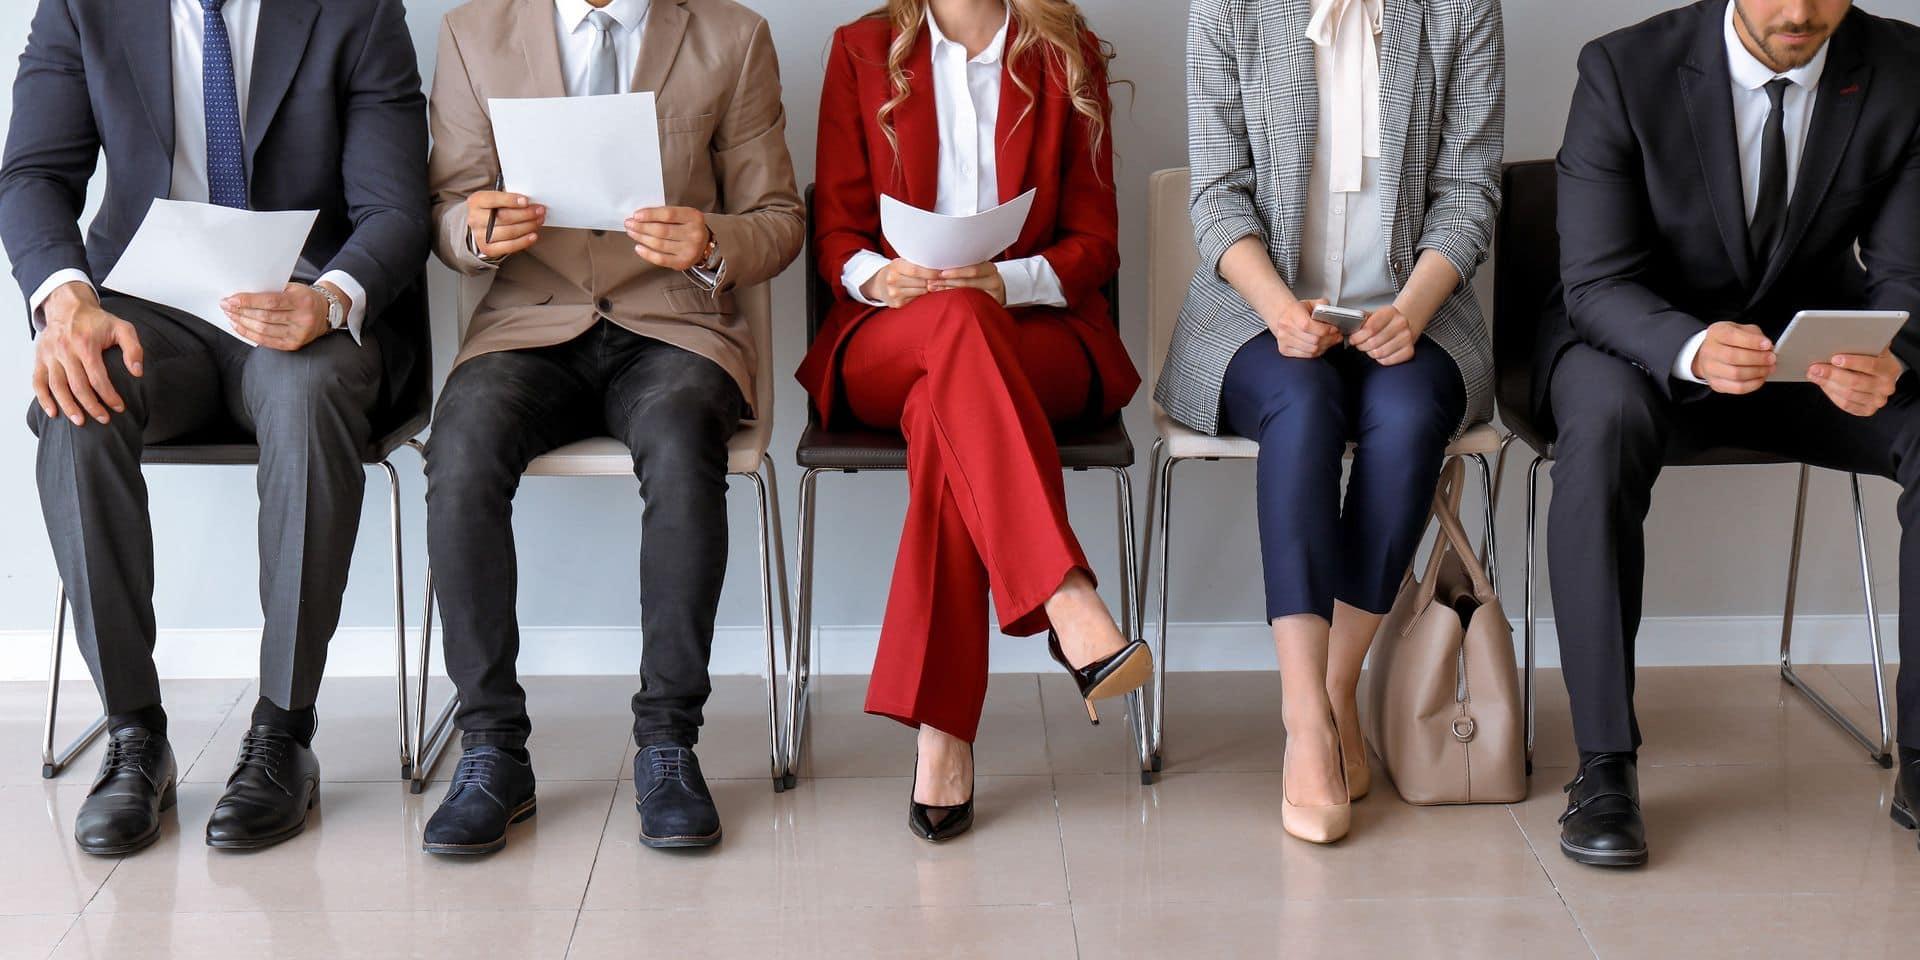 Près de 4 Belges sur 10 envisagent un changement de carrière dans les 12 mois: pour quelles raisons?